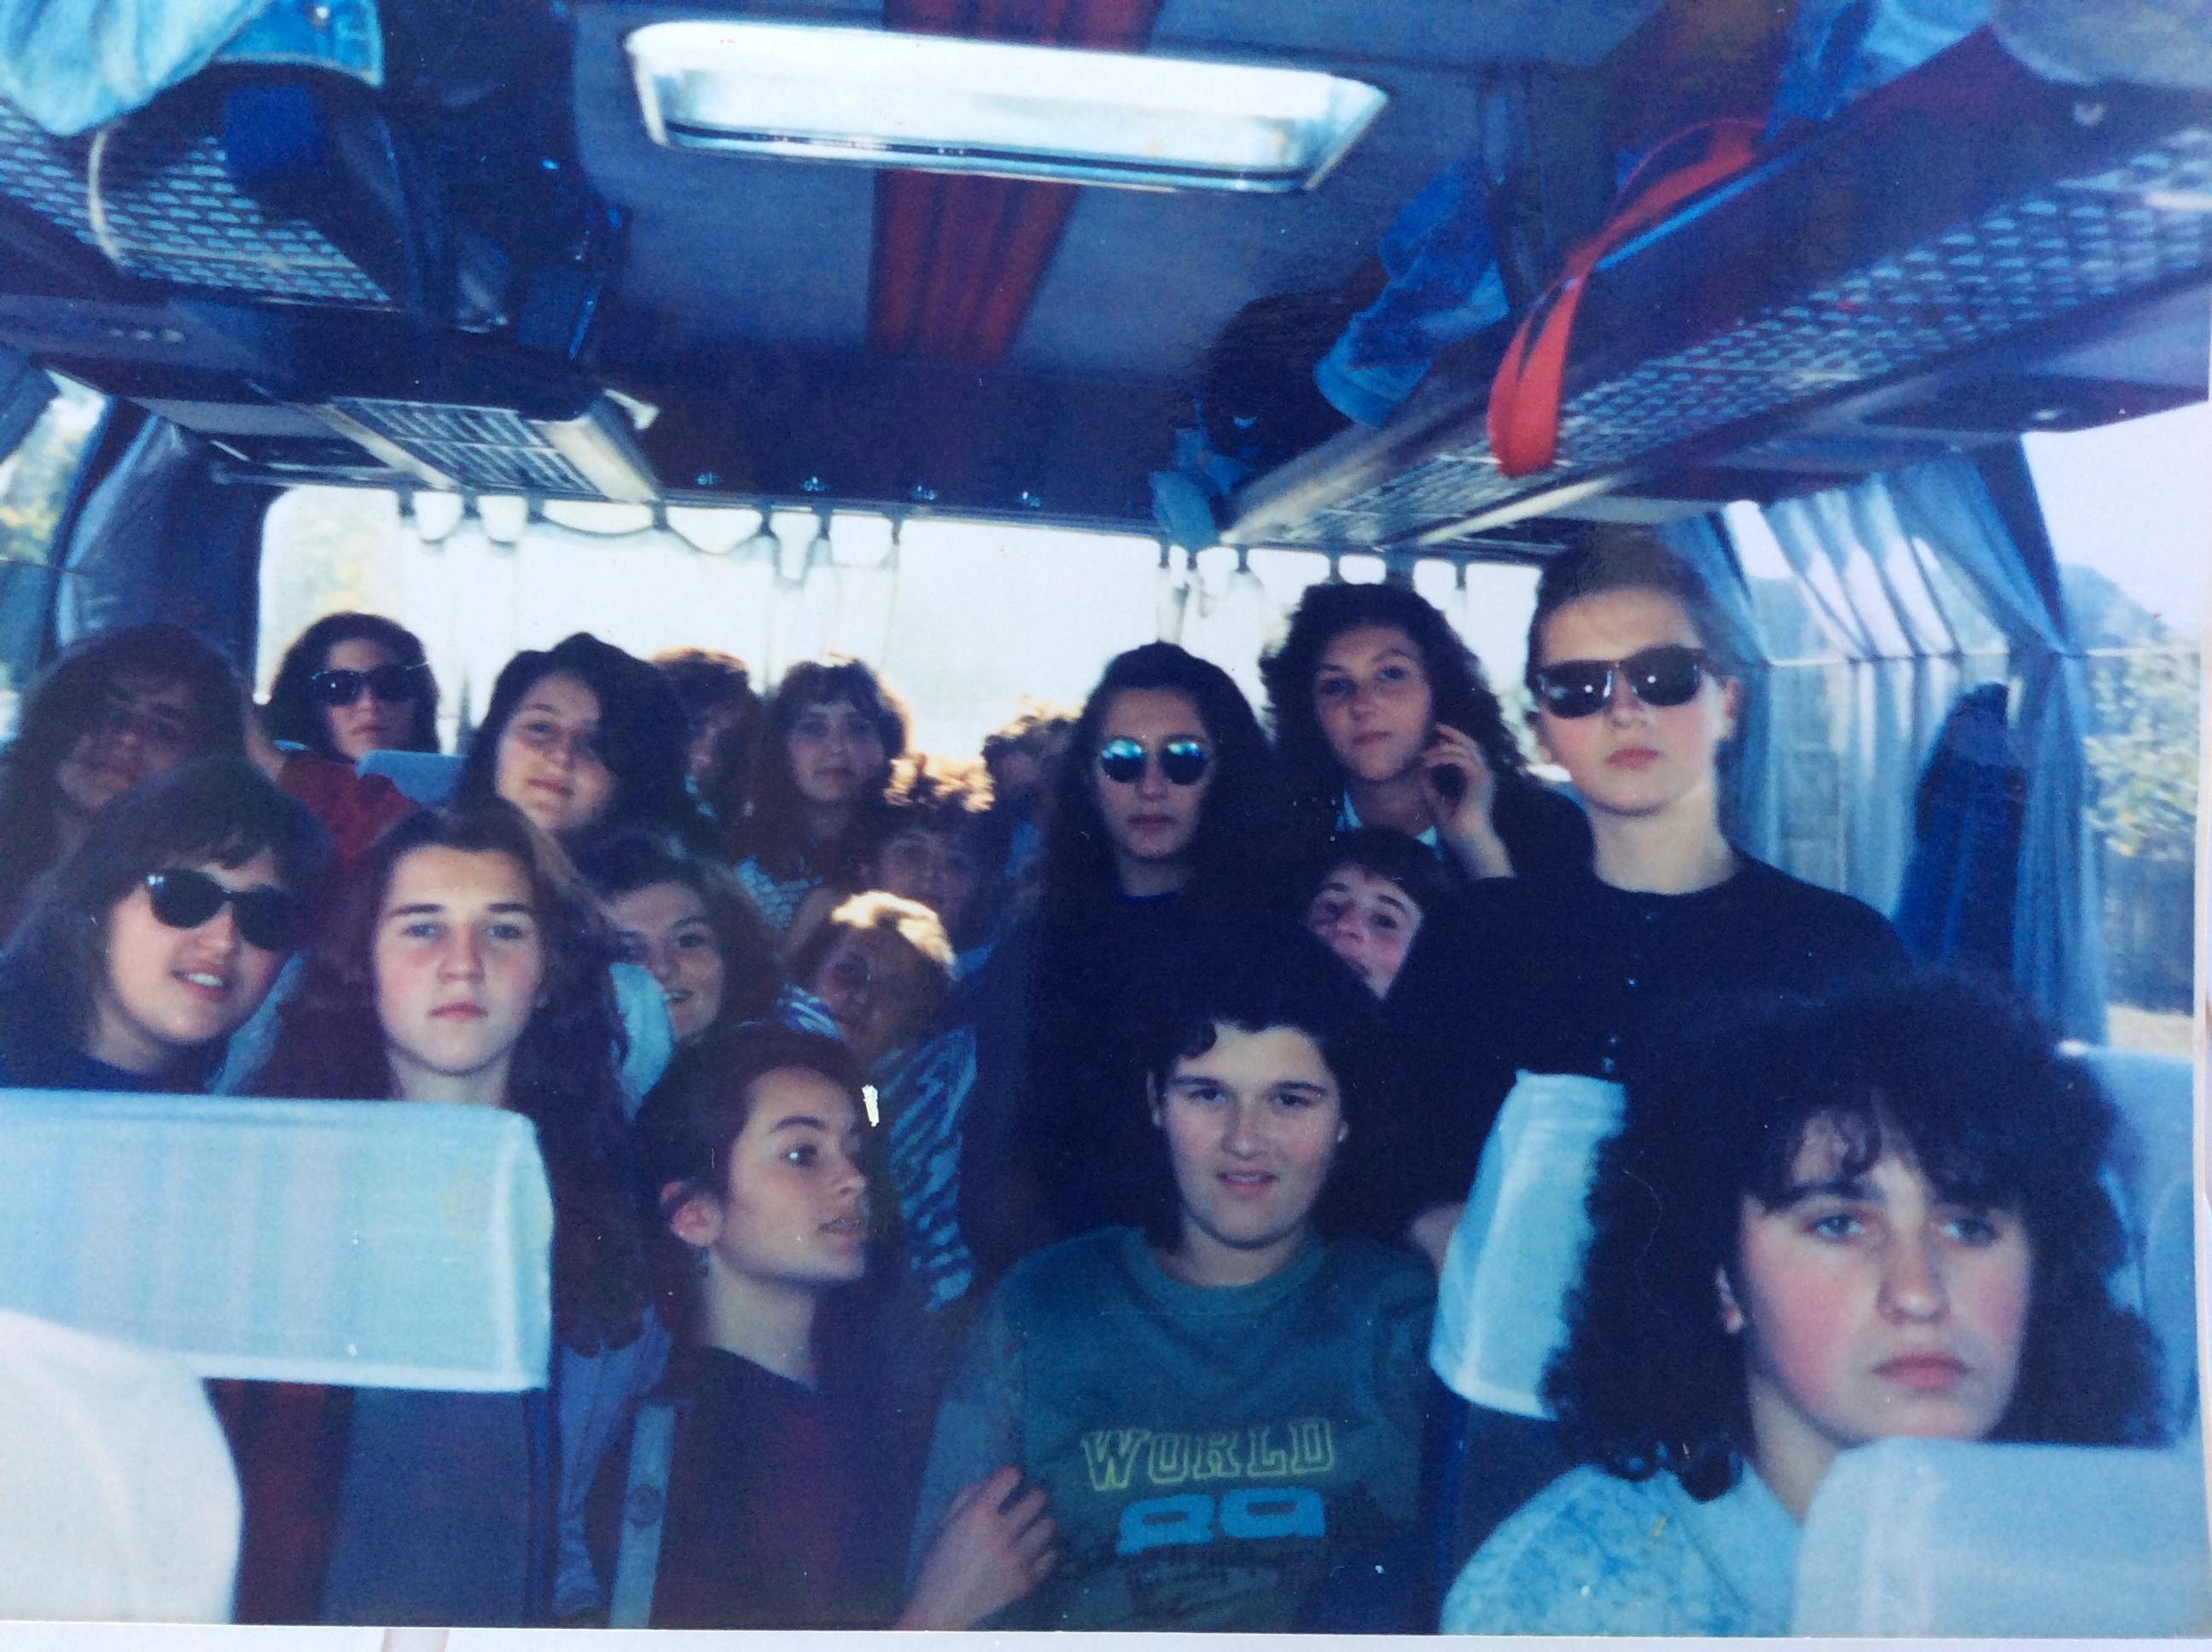 Na ekskurziji u Budimpešti, 10. oktobar 1990. godine